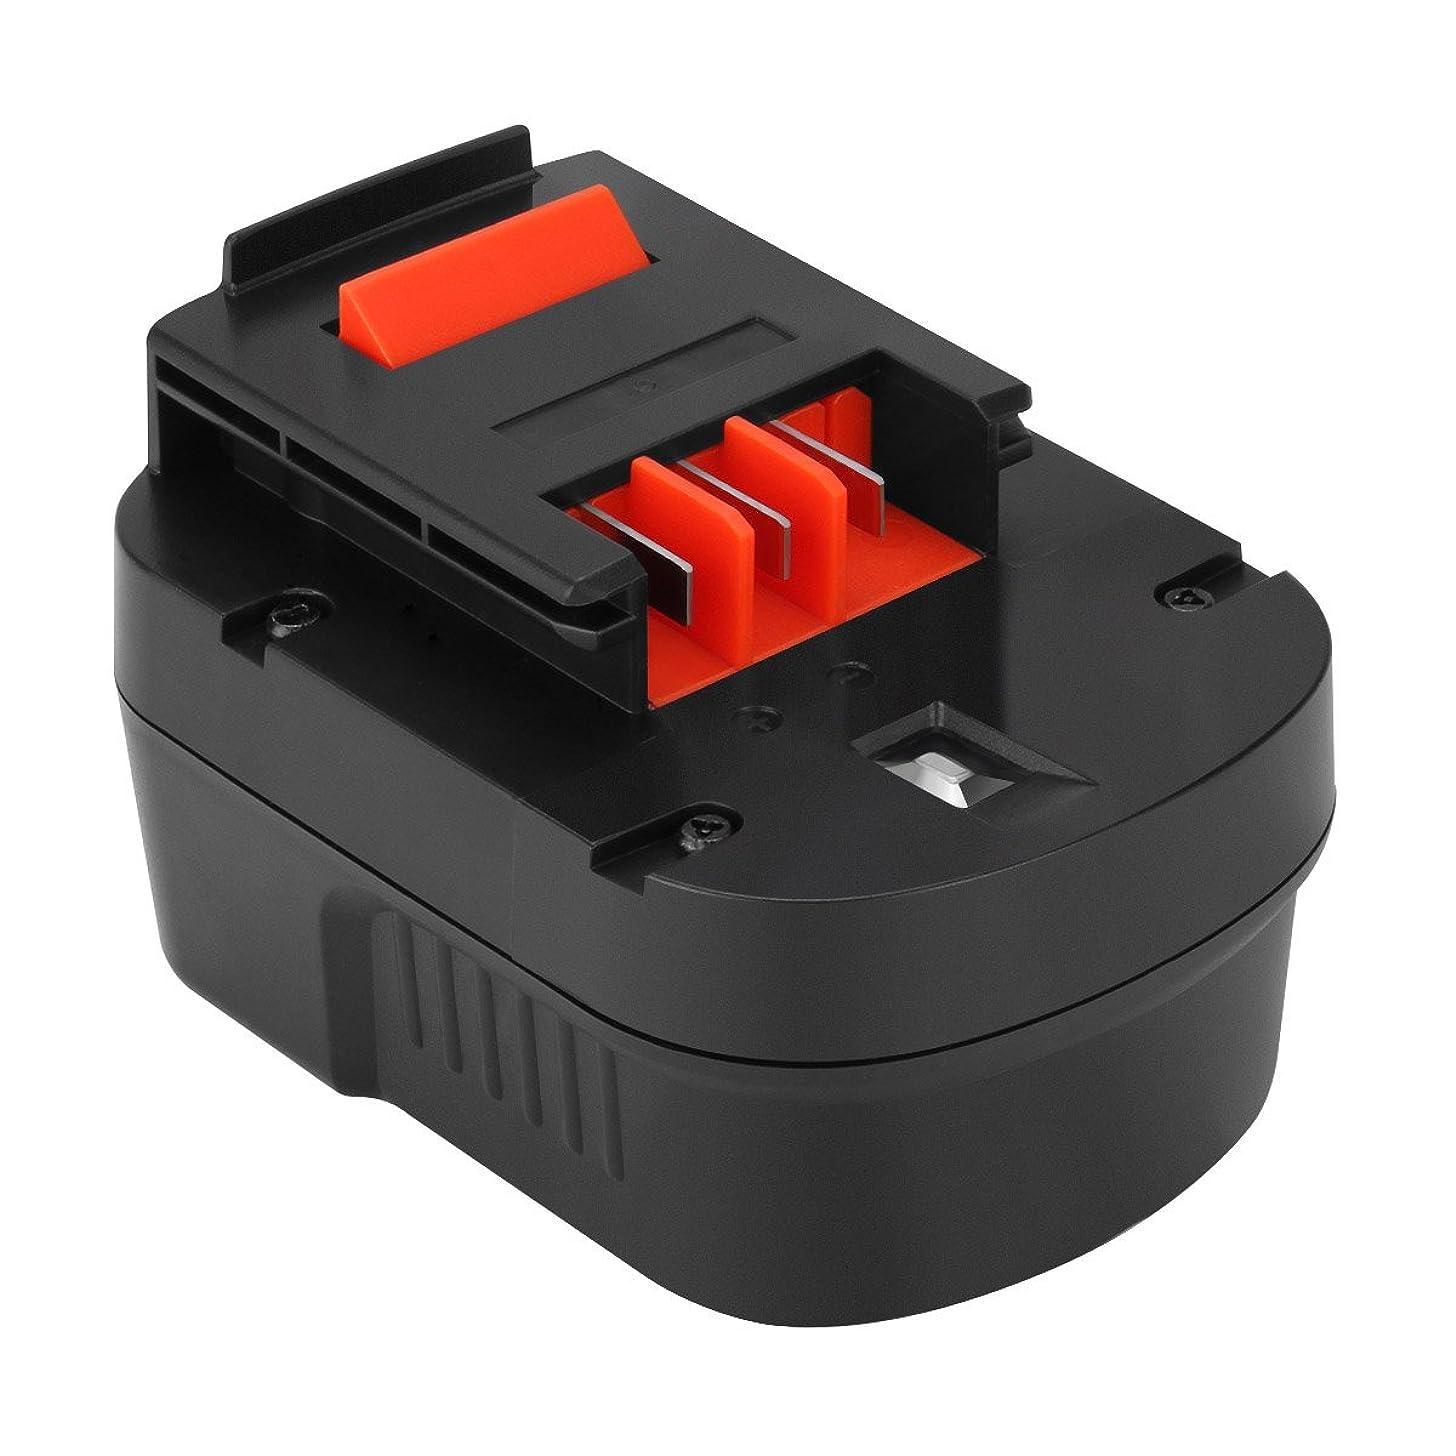 雇用額砂漠Shentec 12V 3.0Ah バッテリー 互換性のある BLACK+DECKER (ブラック?アンド?デッカー) A12 A12EX A12-XJ A1712 B-8315 BD-1204L BD1204L BPT1047 FS120B FS120BX FSB12 HPB12 スライドバッテリー 互換バッテリー ニッケル水素